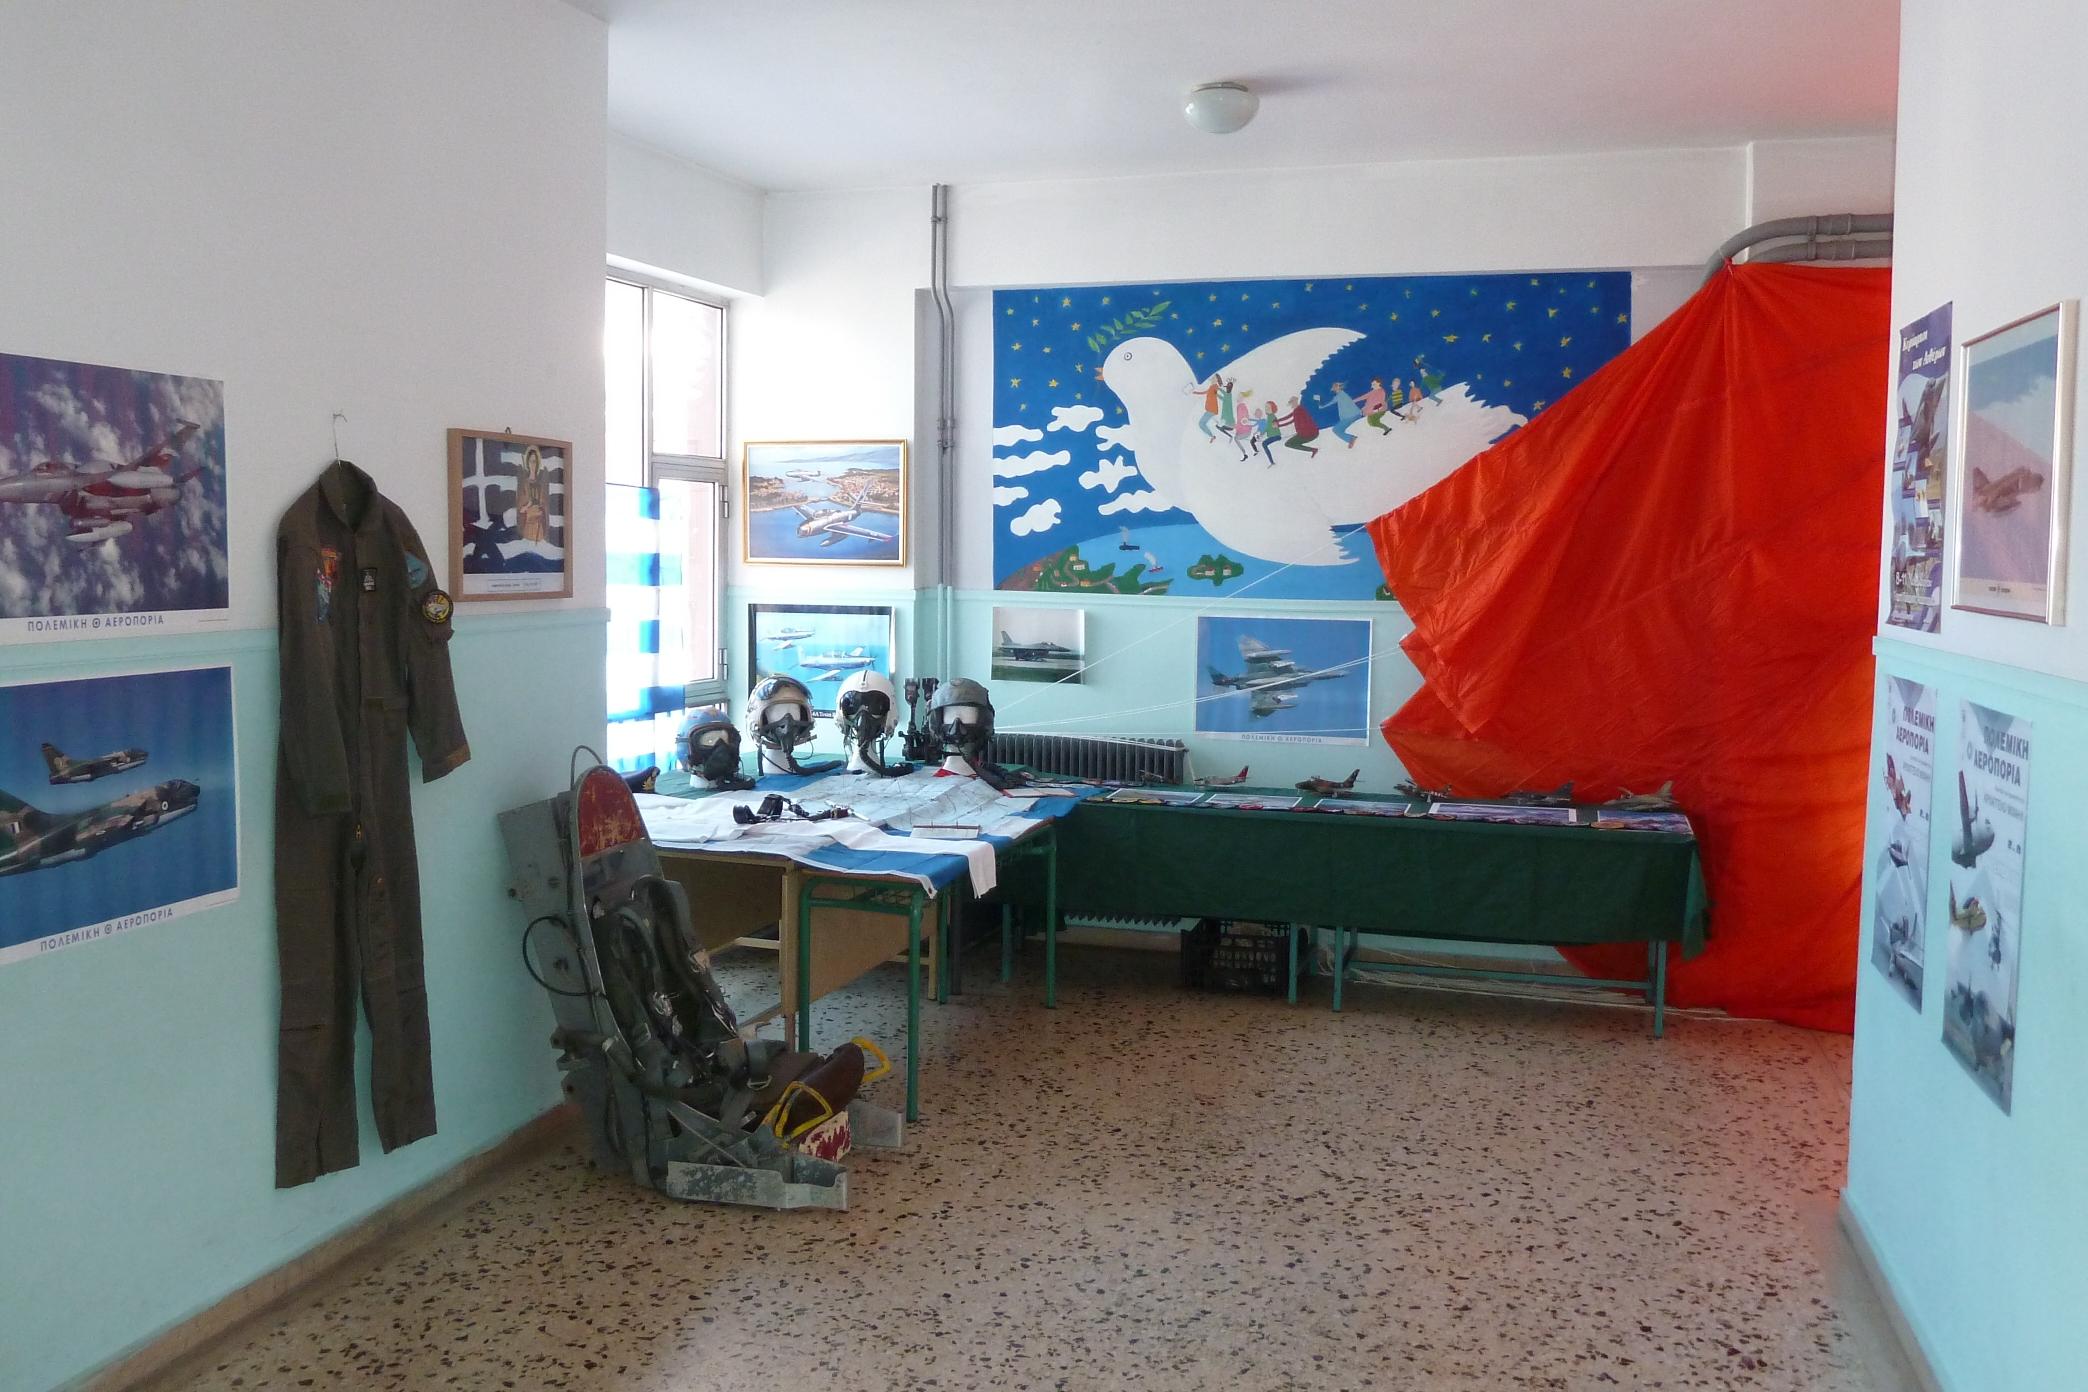 Αφιέρωμα στην εορτή της πολεμικής Αεροπορίας στο 1ο Δημοτικό σχολείο Αγίου Κωνσταντίνου Αγρινίου